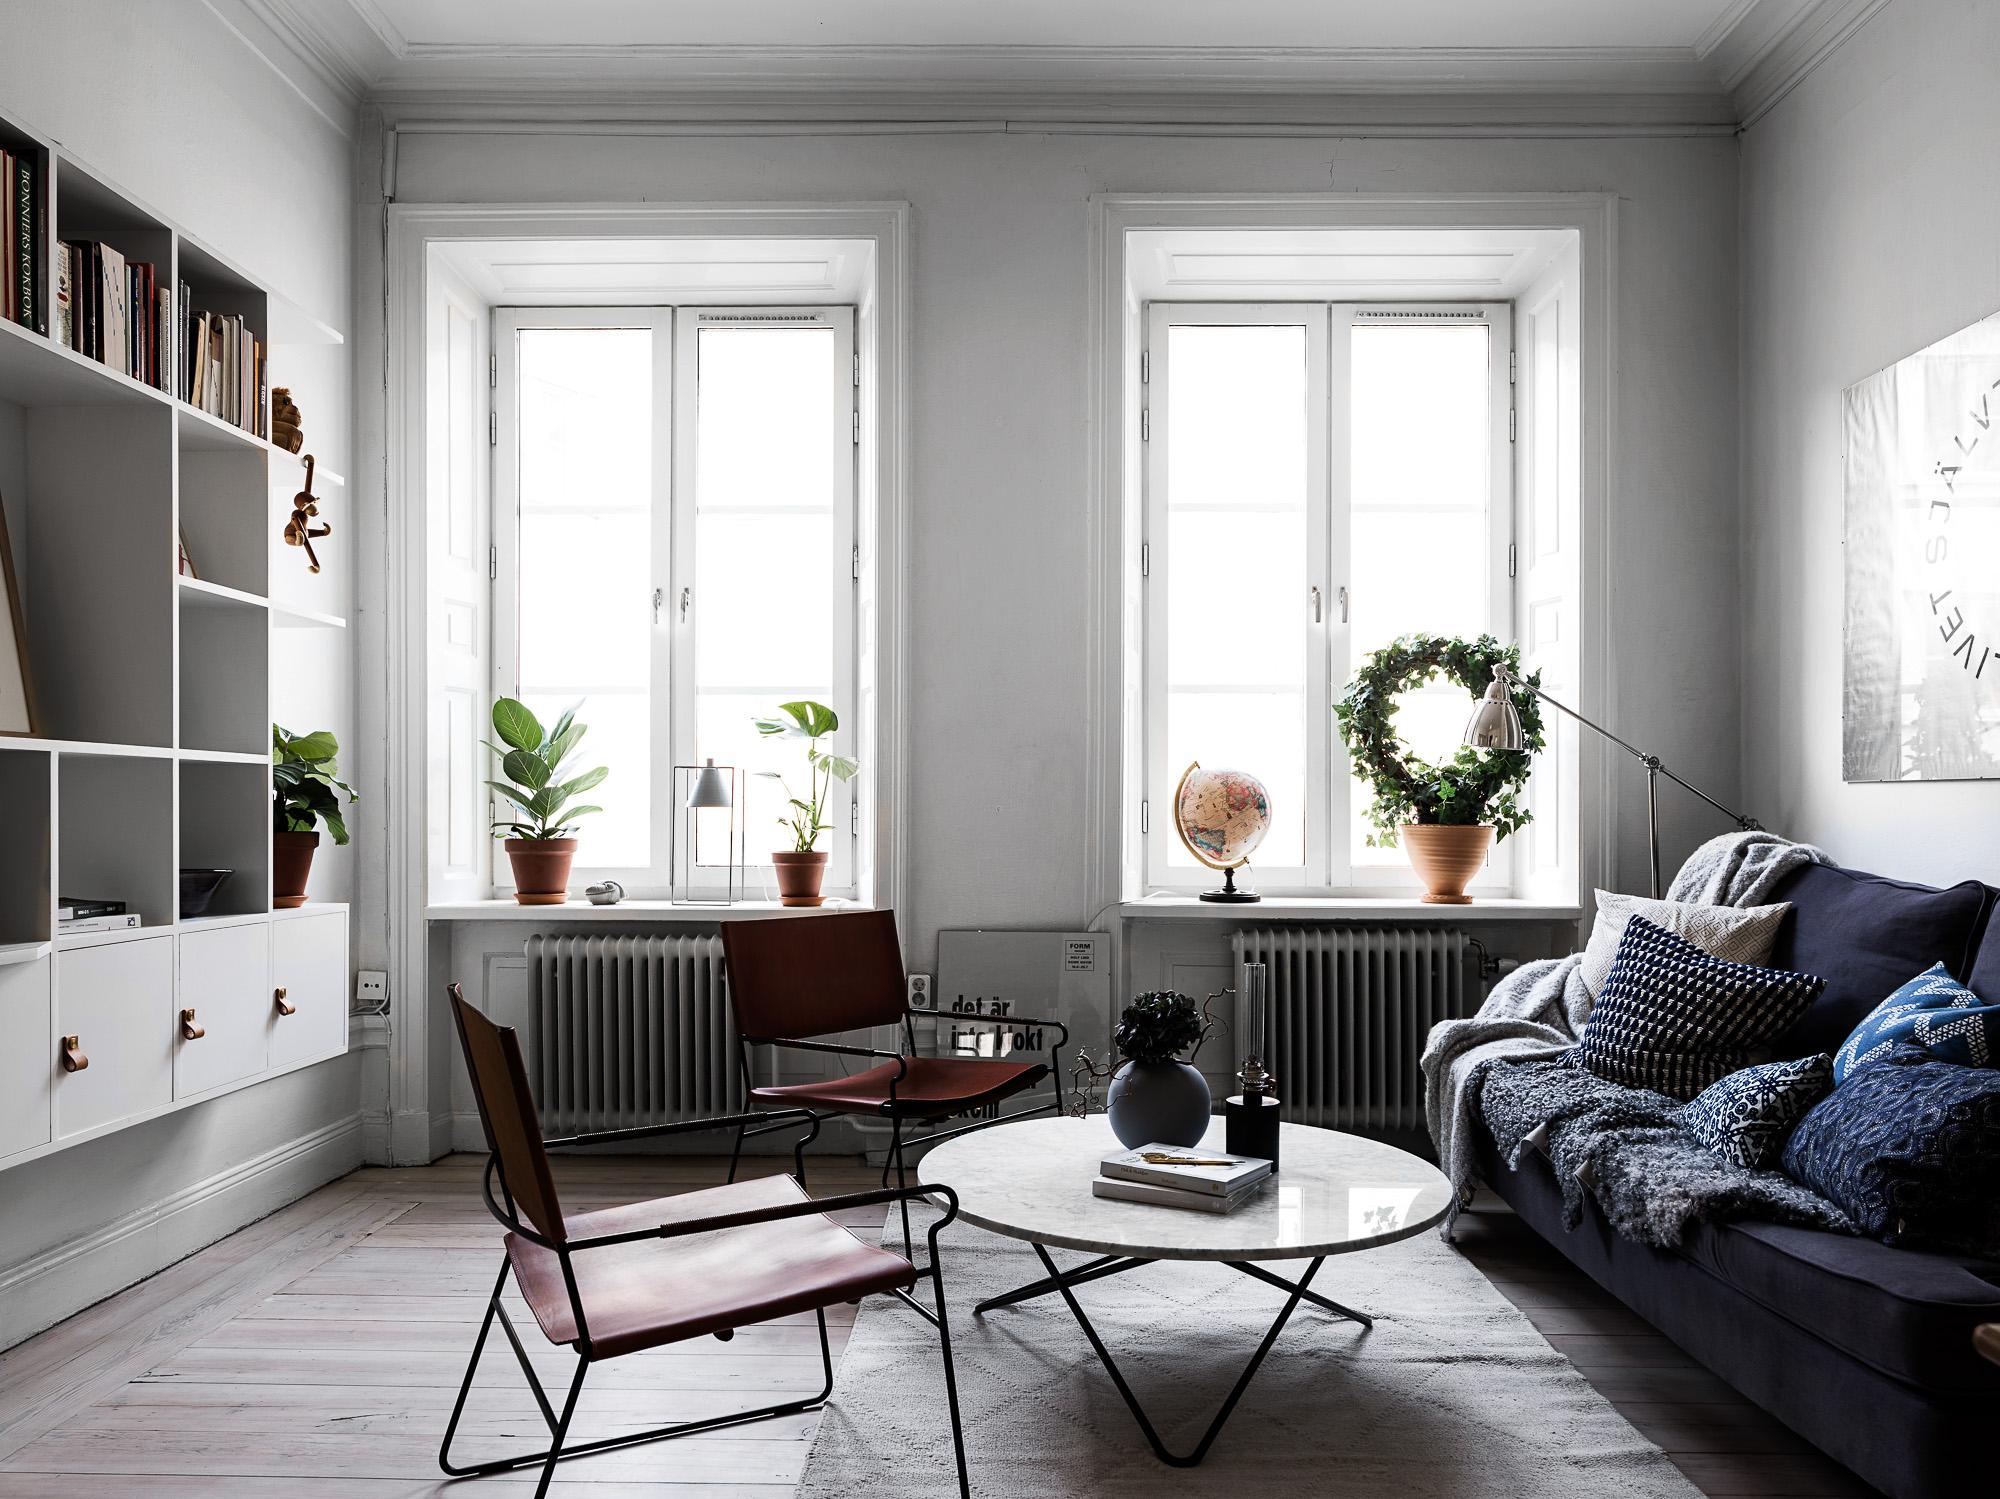 Mooie woonkamer van een klein appartement van 44m2